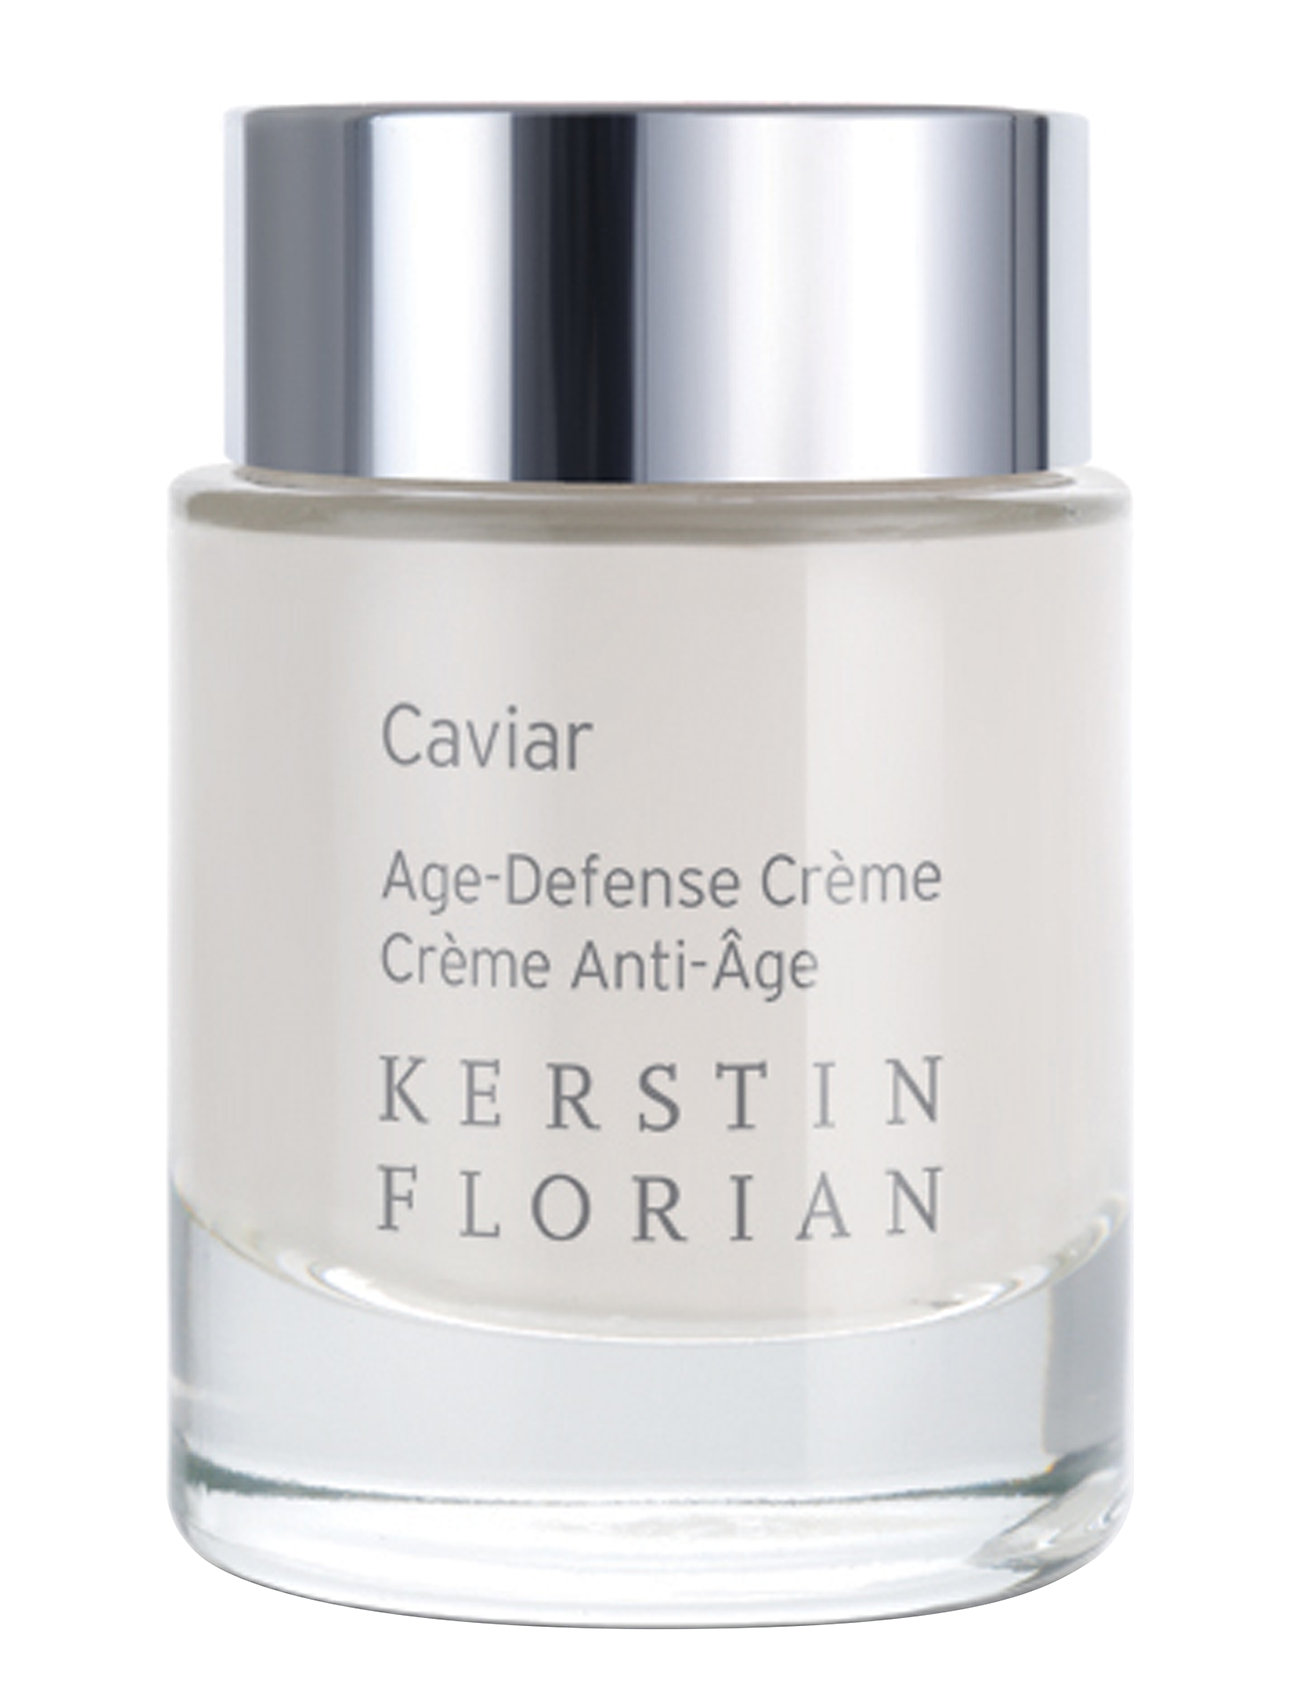 Image of Caviar Age-Defense CrèMe Fugtighedscreme Dagcreme Nude KERSTIN FLORIAN (3180060421)